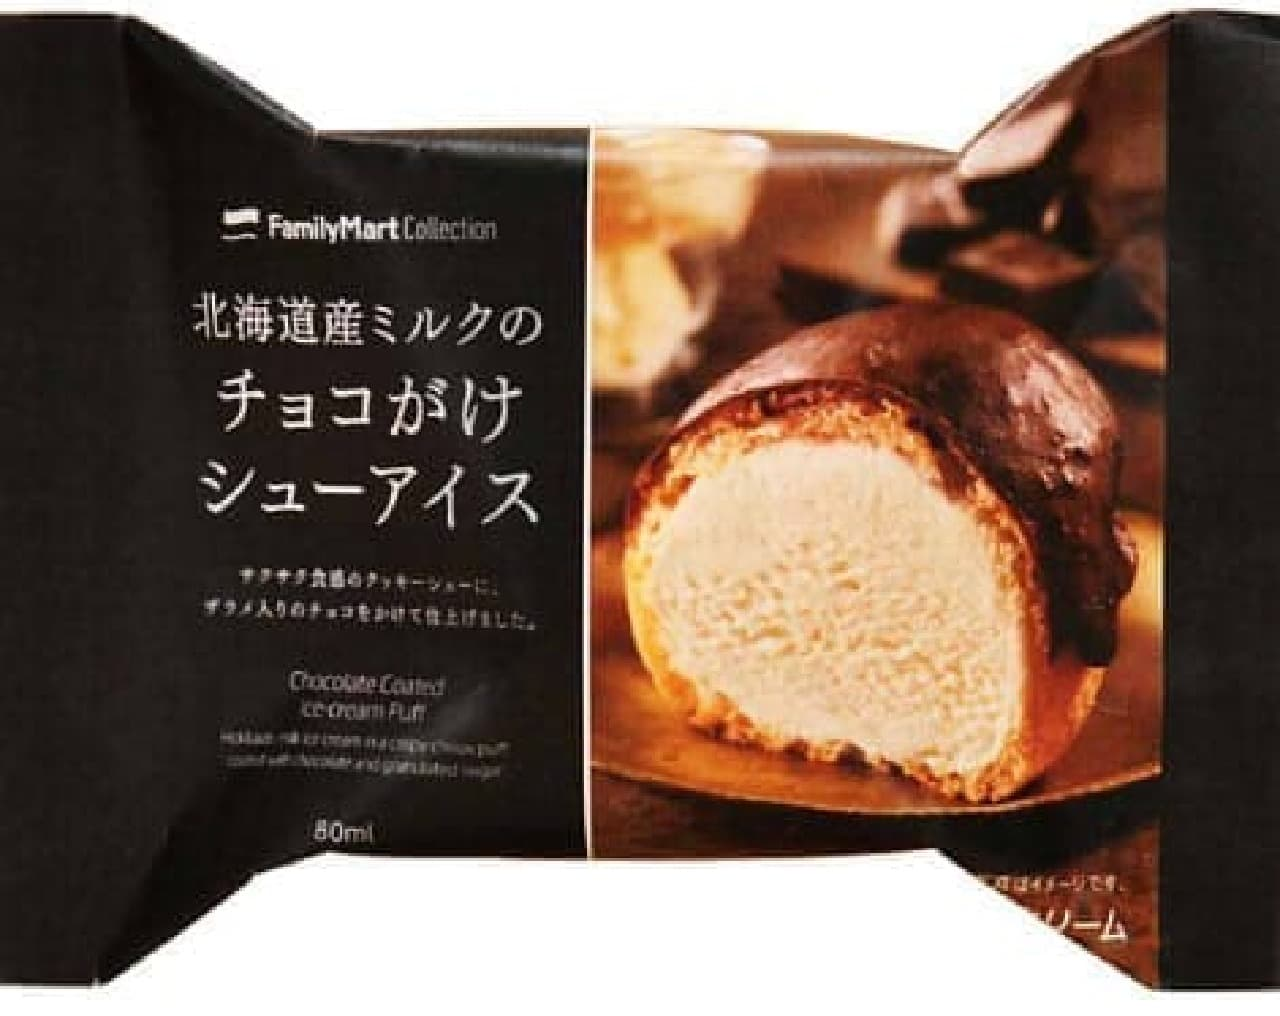 ファミマ「北海道産ミルクのチョコがけシューアイス」